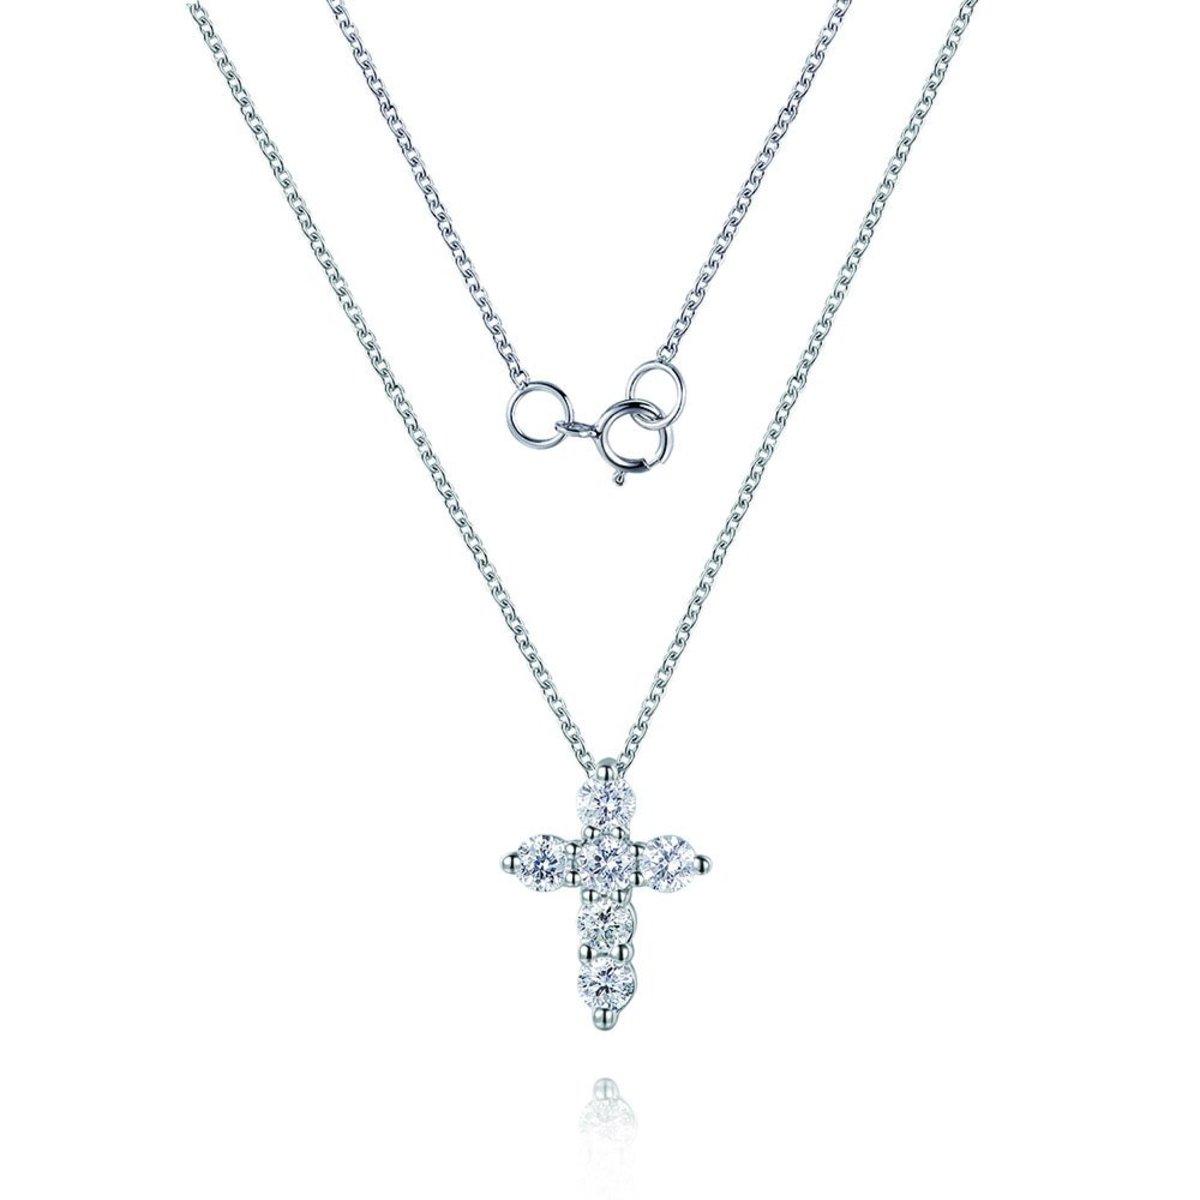 18K白金鑽石項鍊(0.13克拉總重量)